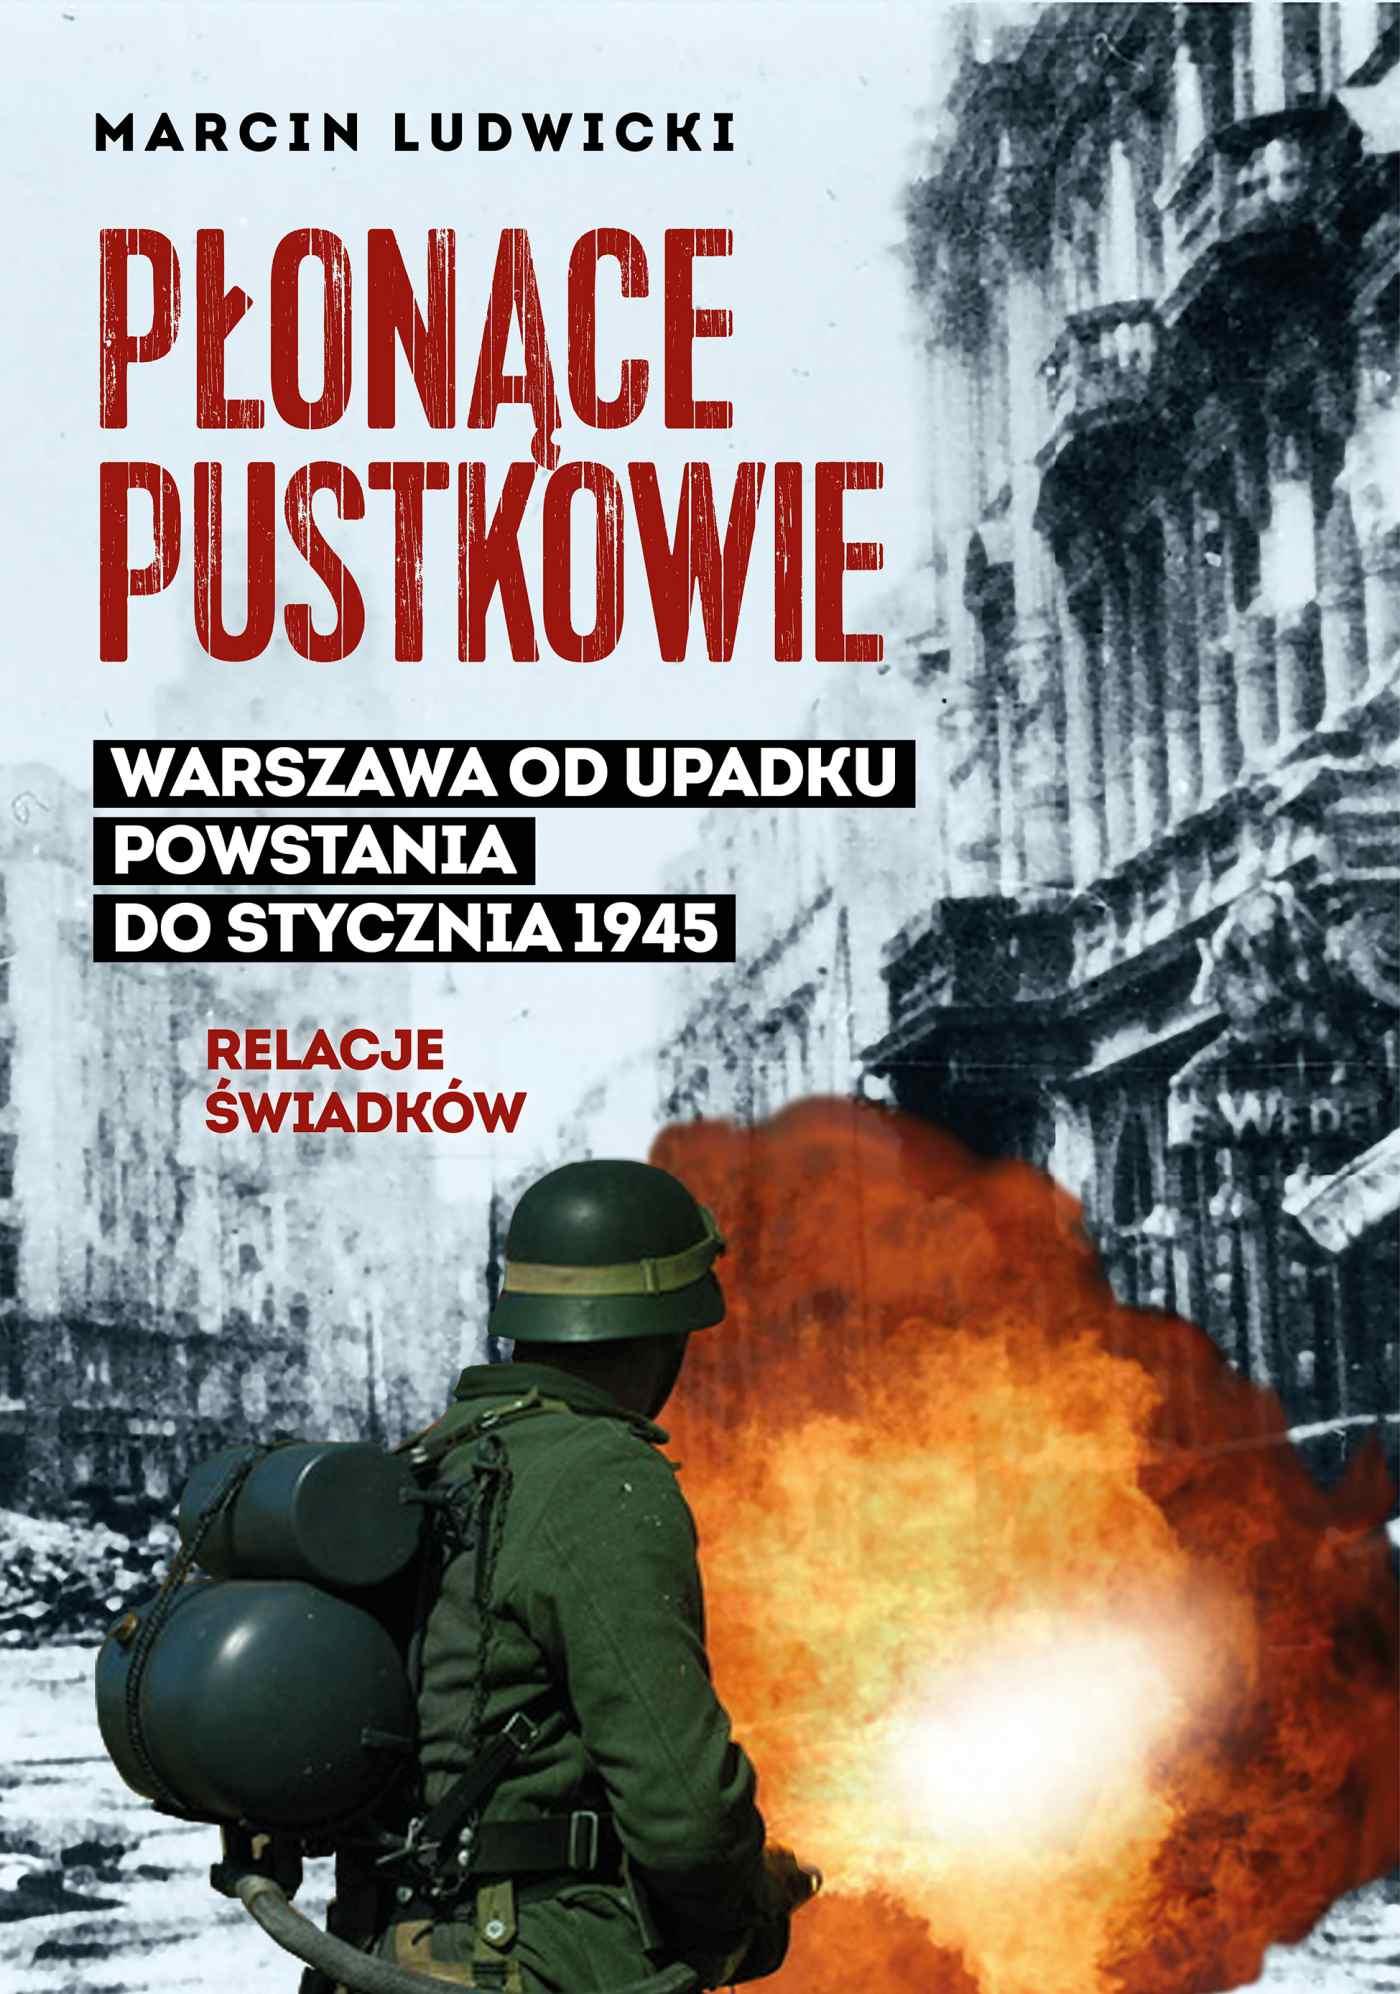 Płonące pustkowie. Warszawa od upadku Powstania do stycznia 1945. Relacje świadków - Ebook (Książka na Kindle) do pobrania w formacie MOBI